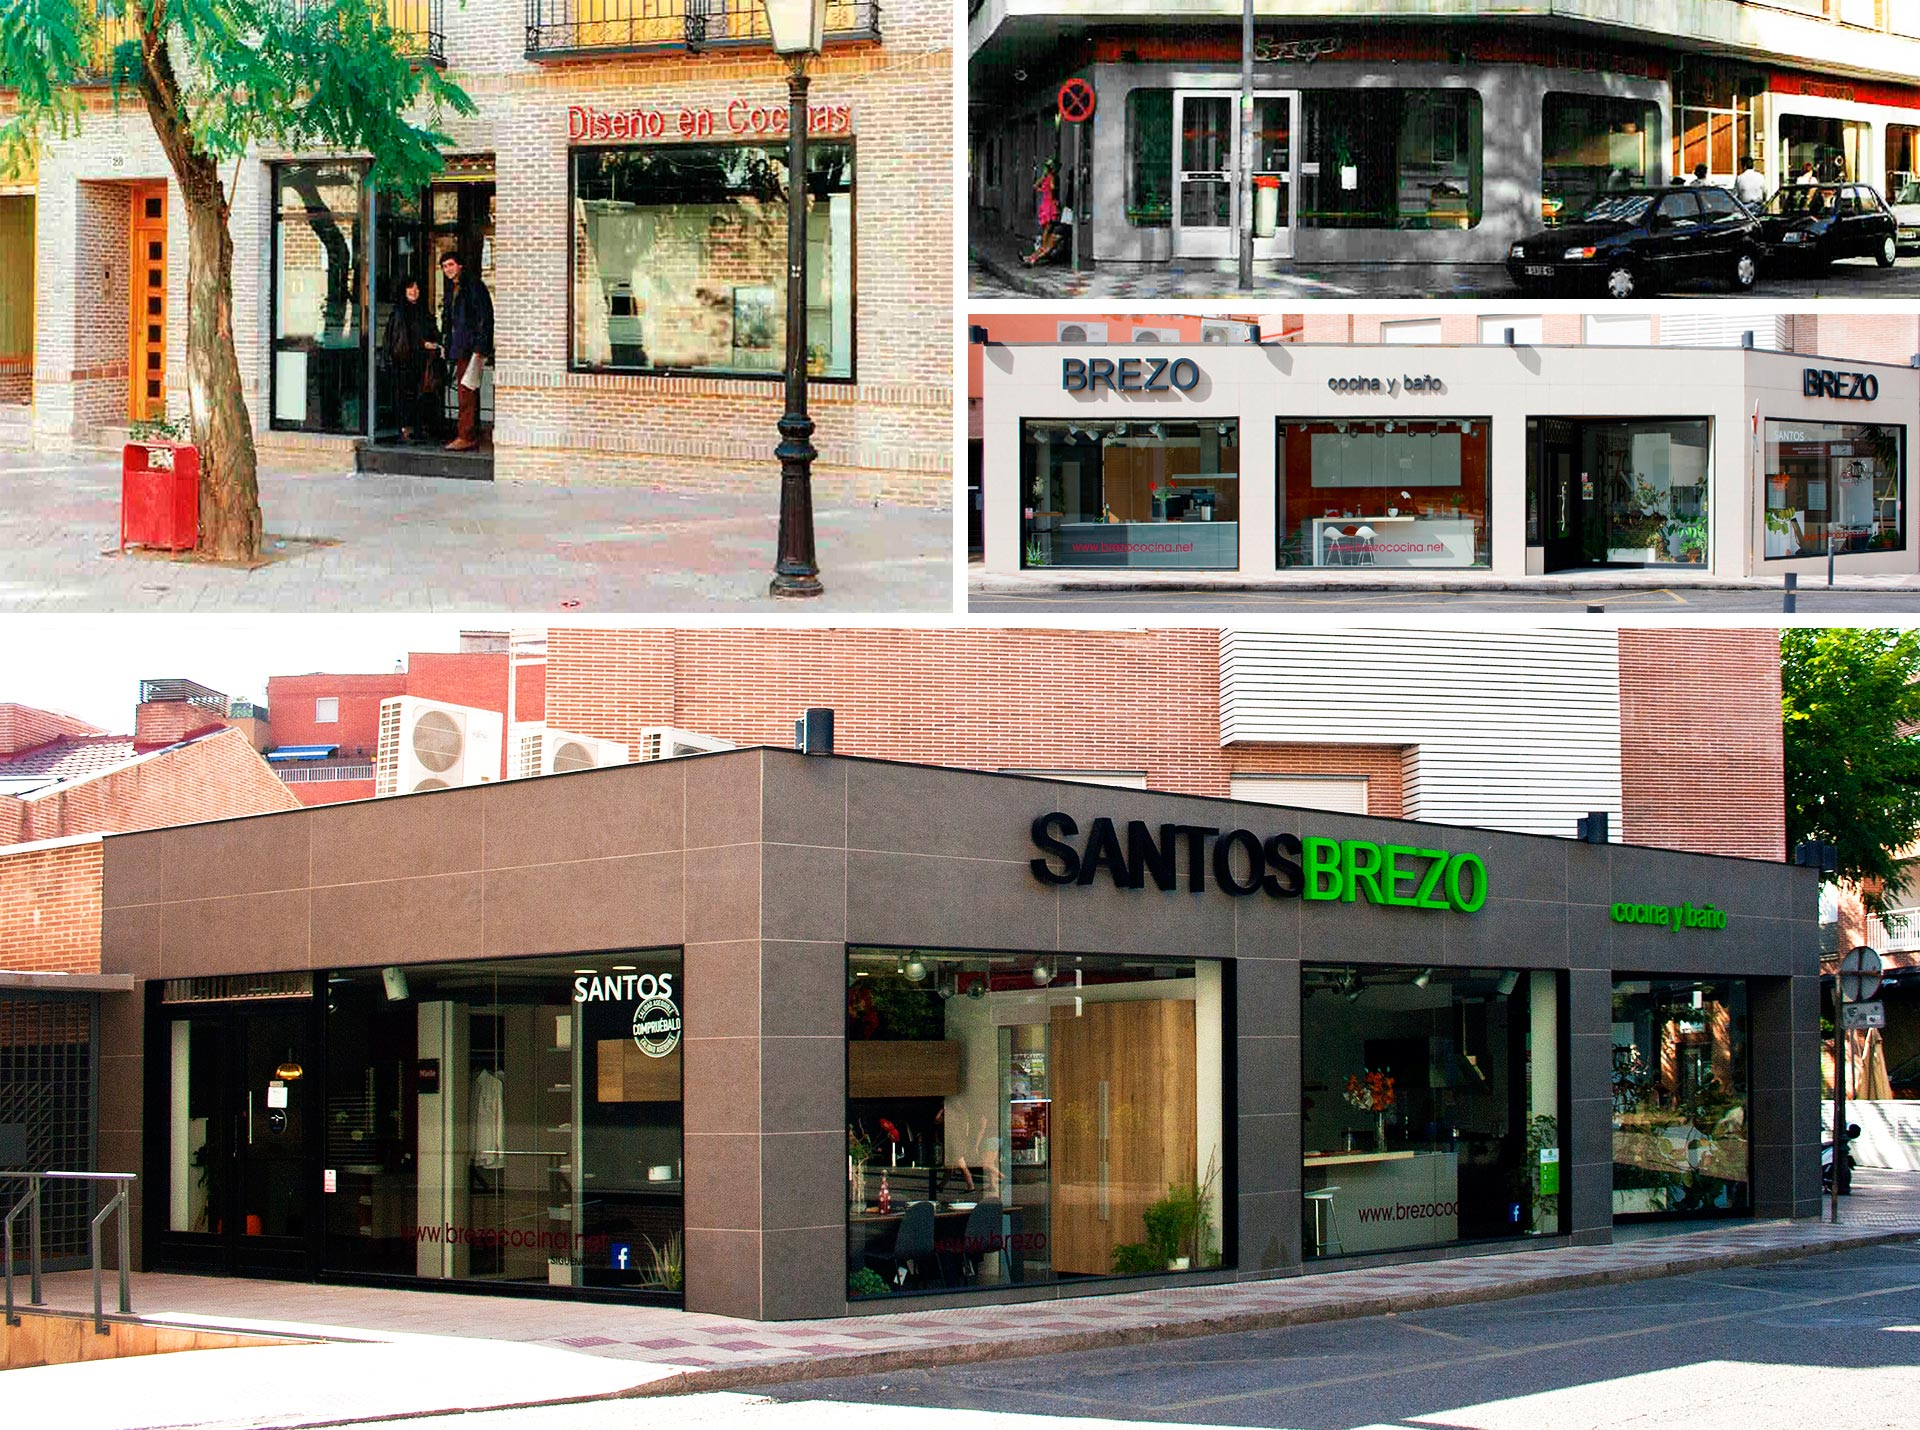 De Santos keukenwinkel Brezo viert zijn 30e verjaardag